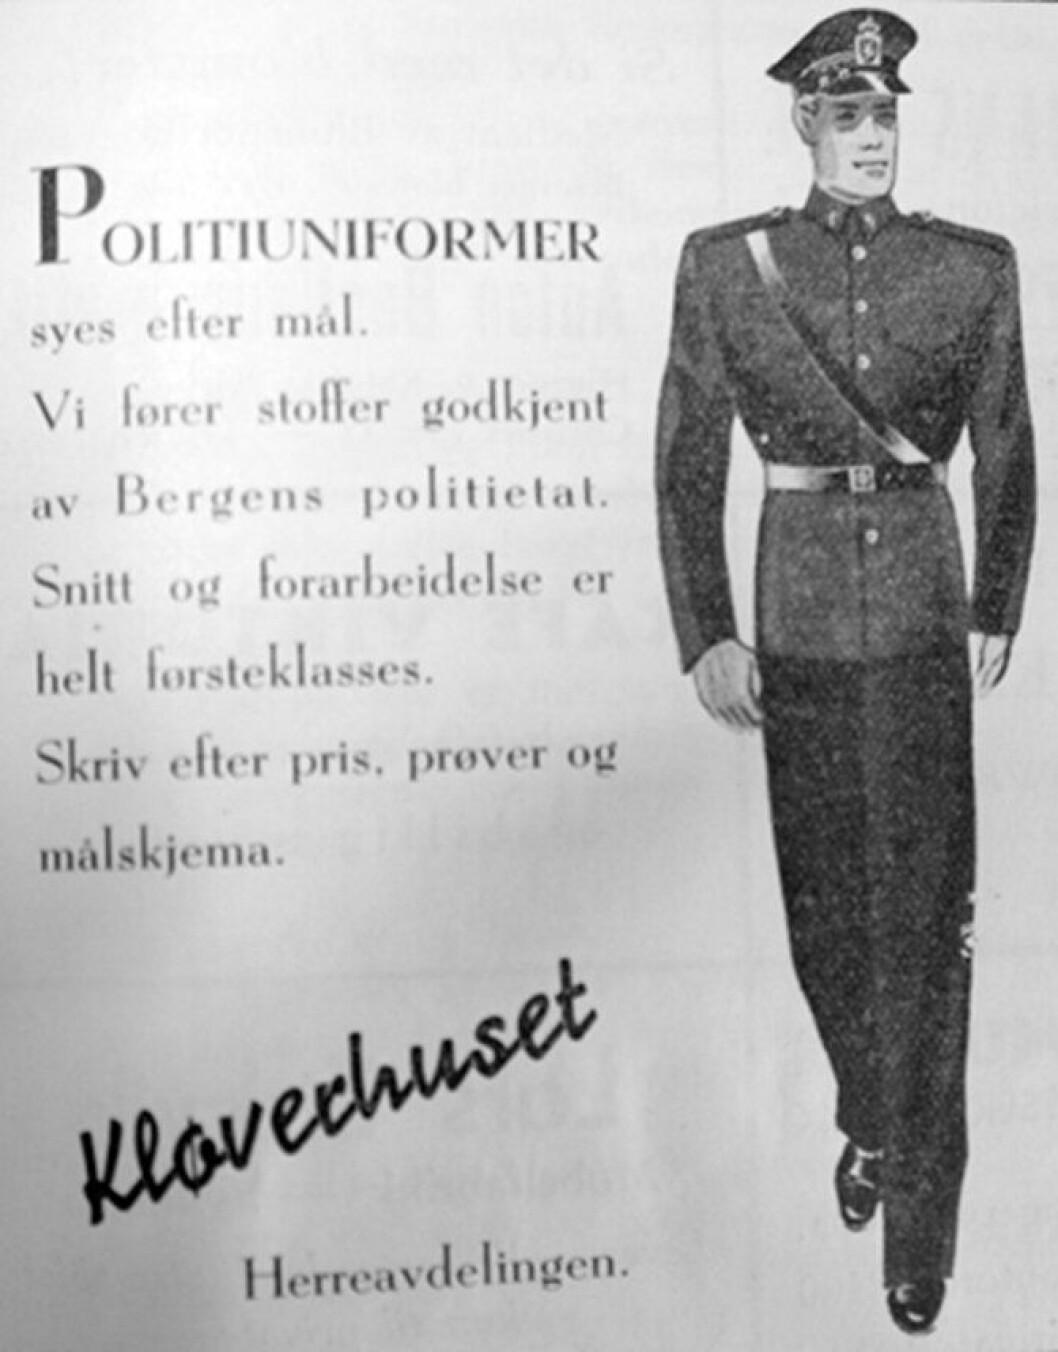 Politiuniform.jpg